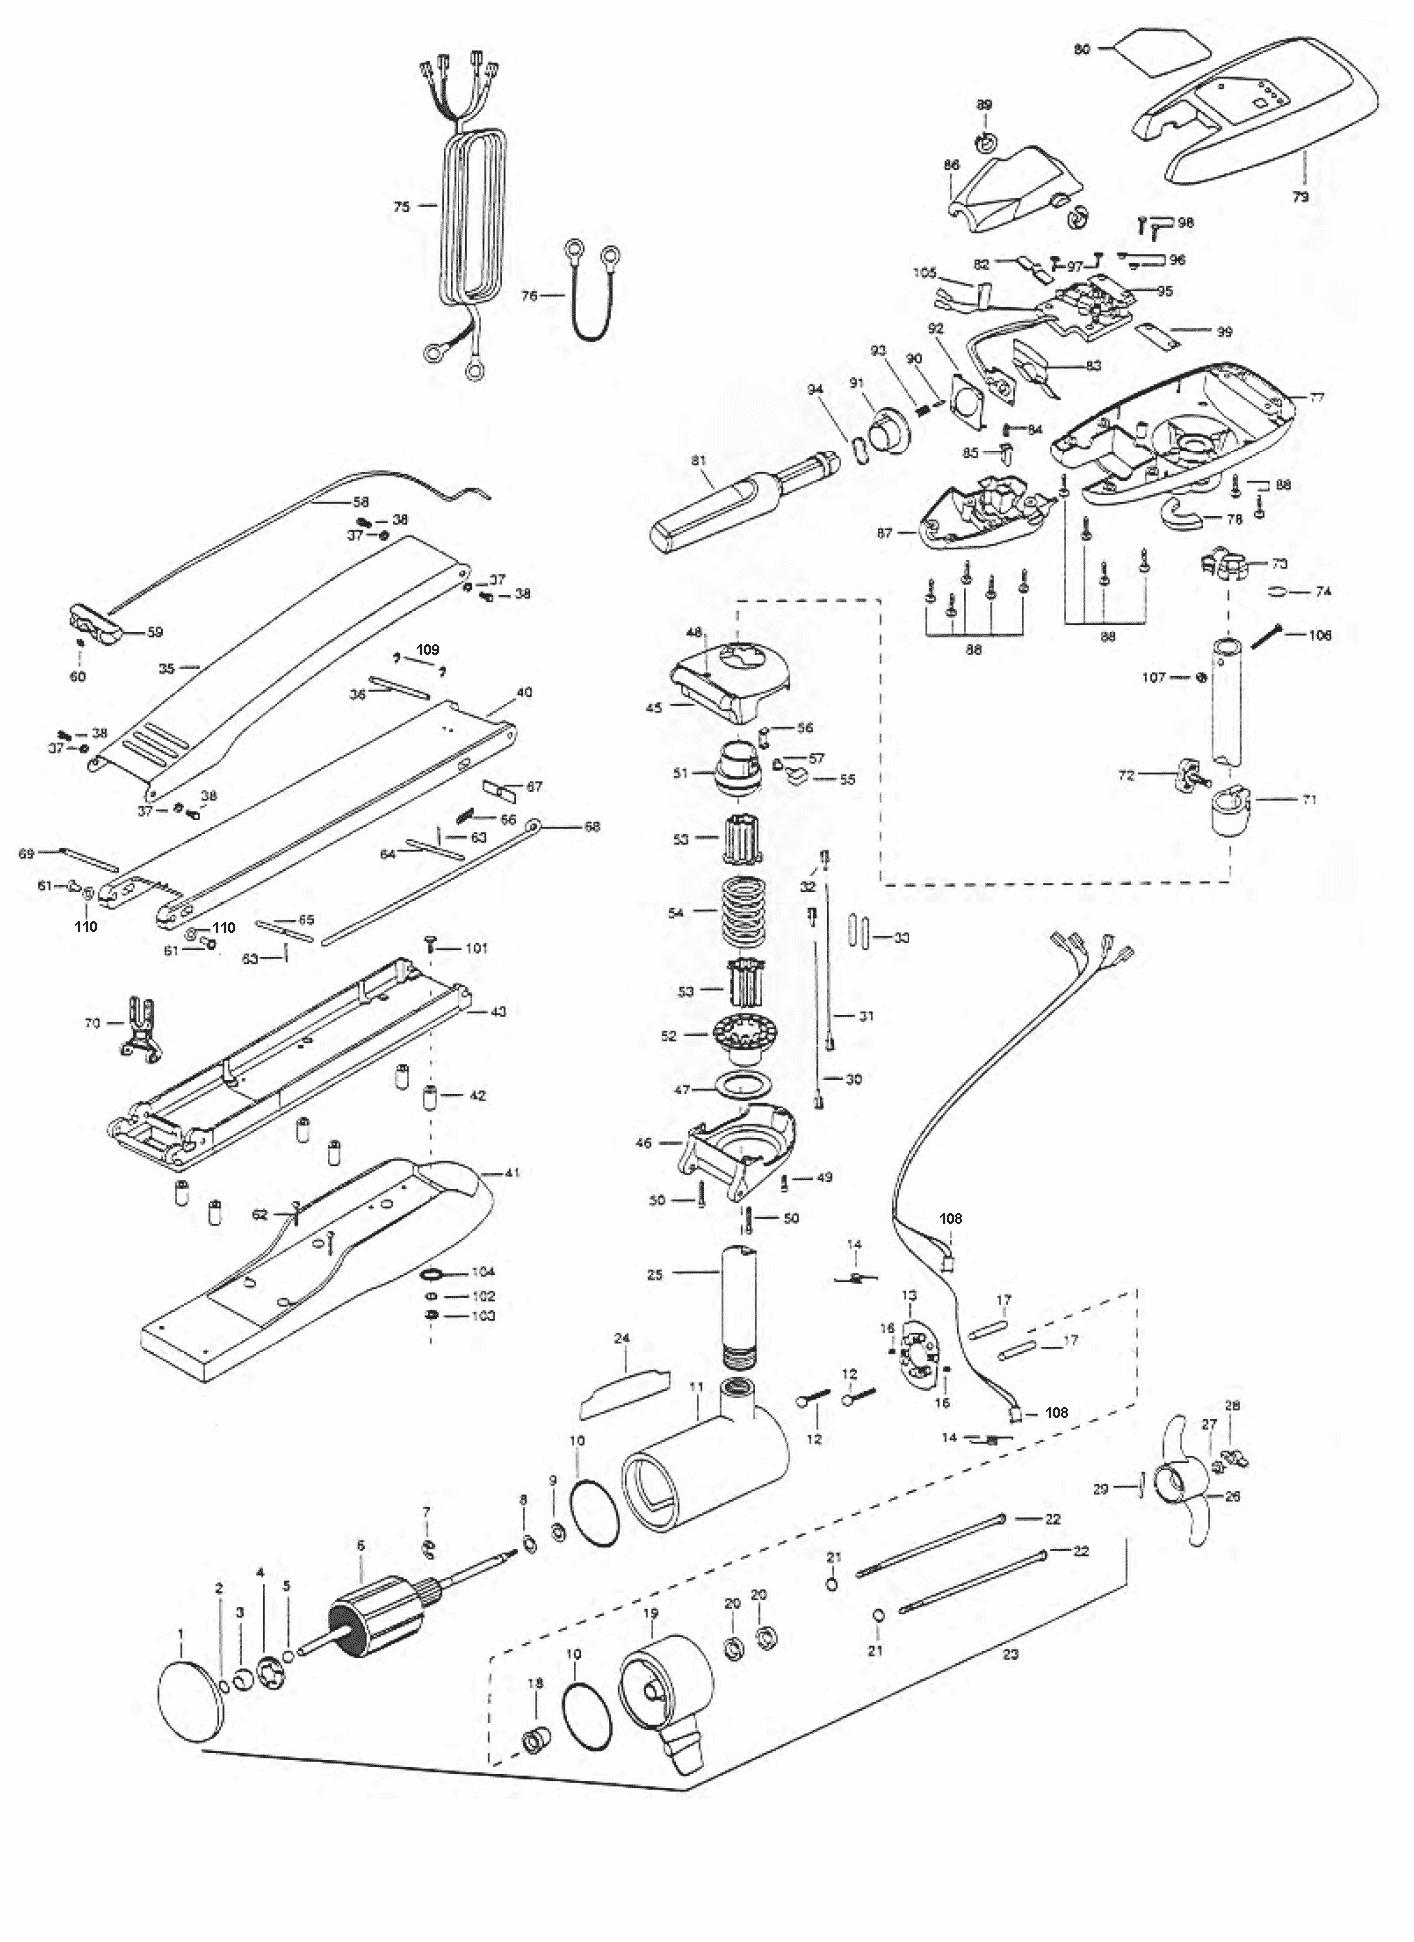 Minn Kota Maxxum 74 Hand Control 52 Inch Parts 2000 From 24v Wiring Diagram Ttttttt